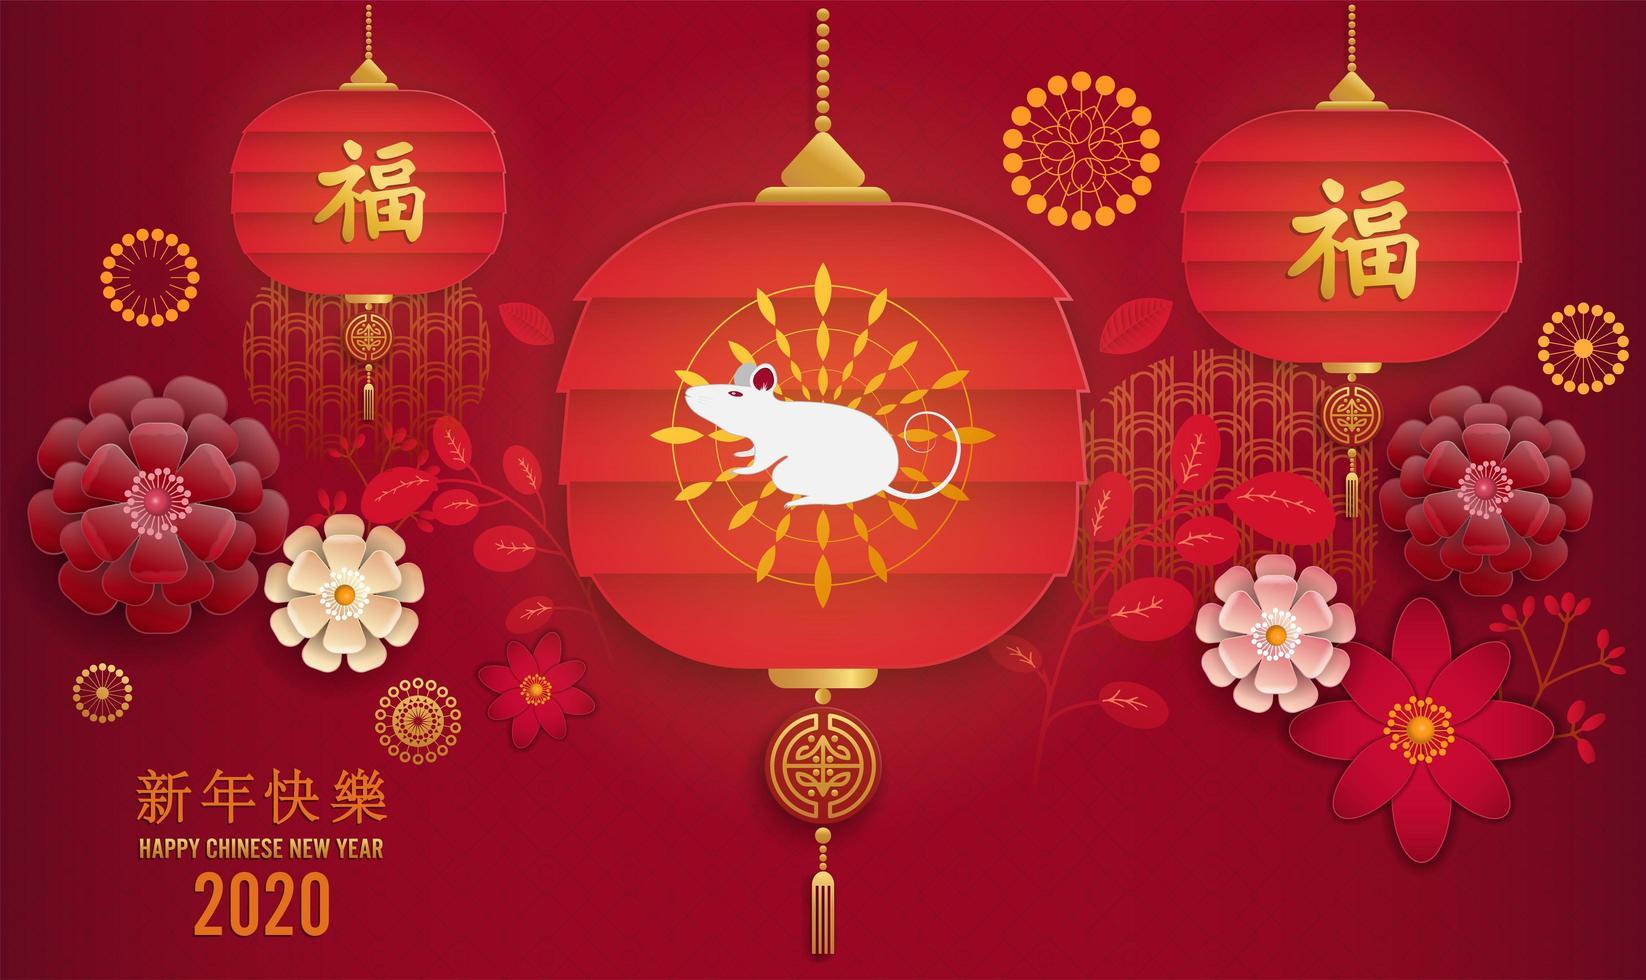 nouvel an chinois 2020, éléments asiatiques en papier rouge et or vecteur